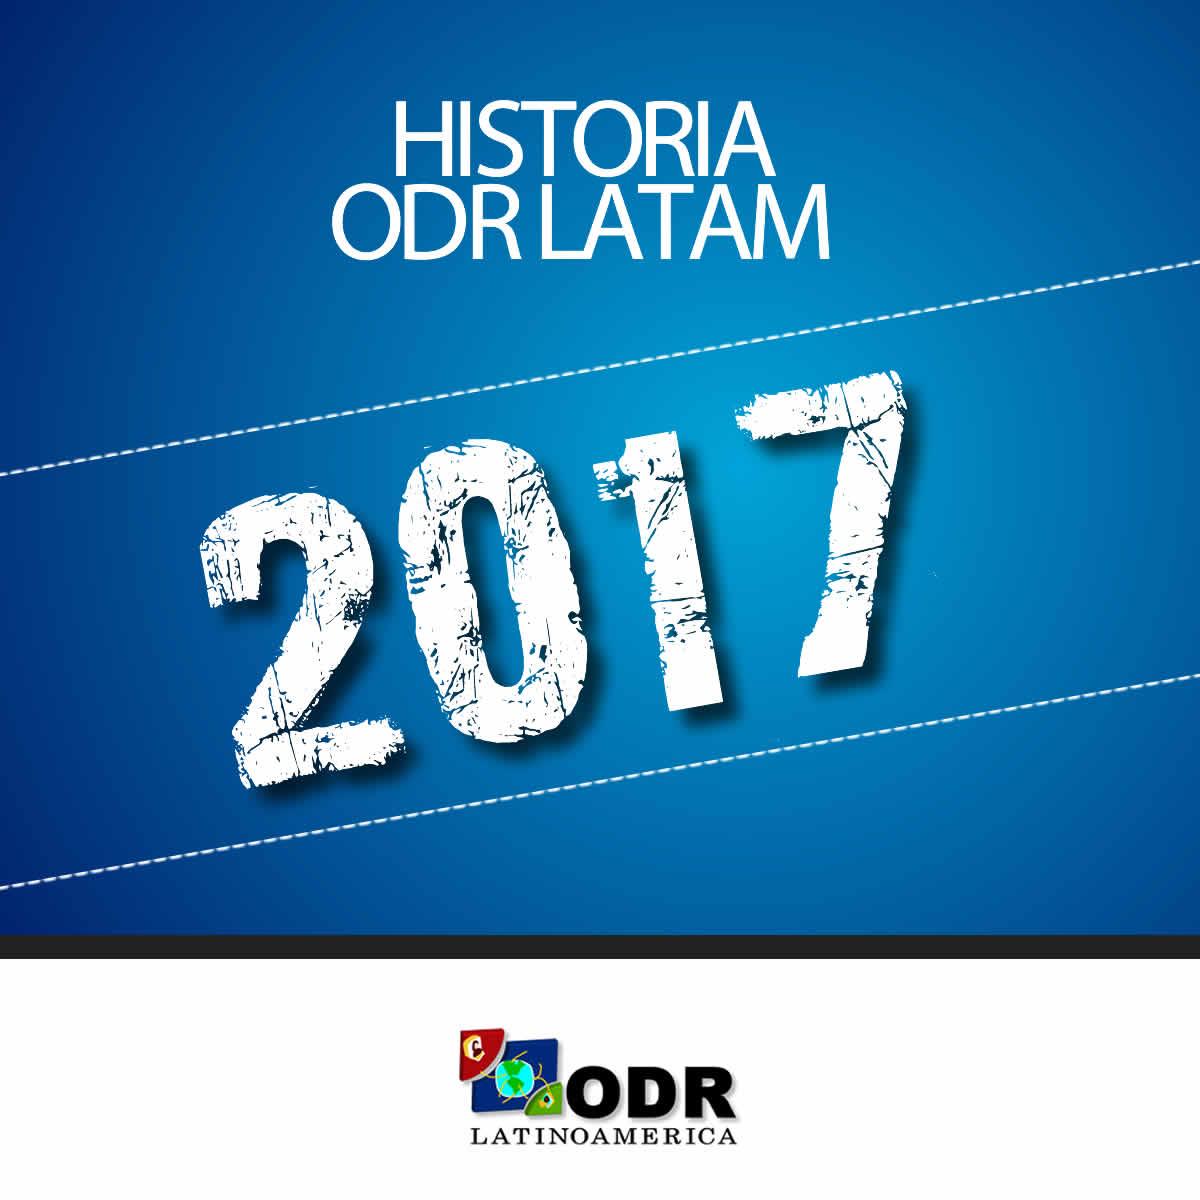 Historia ODR LATAM 2017